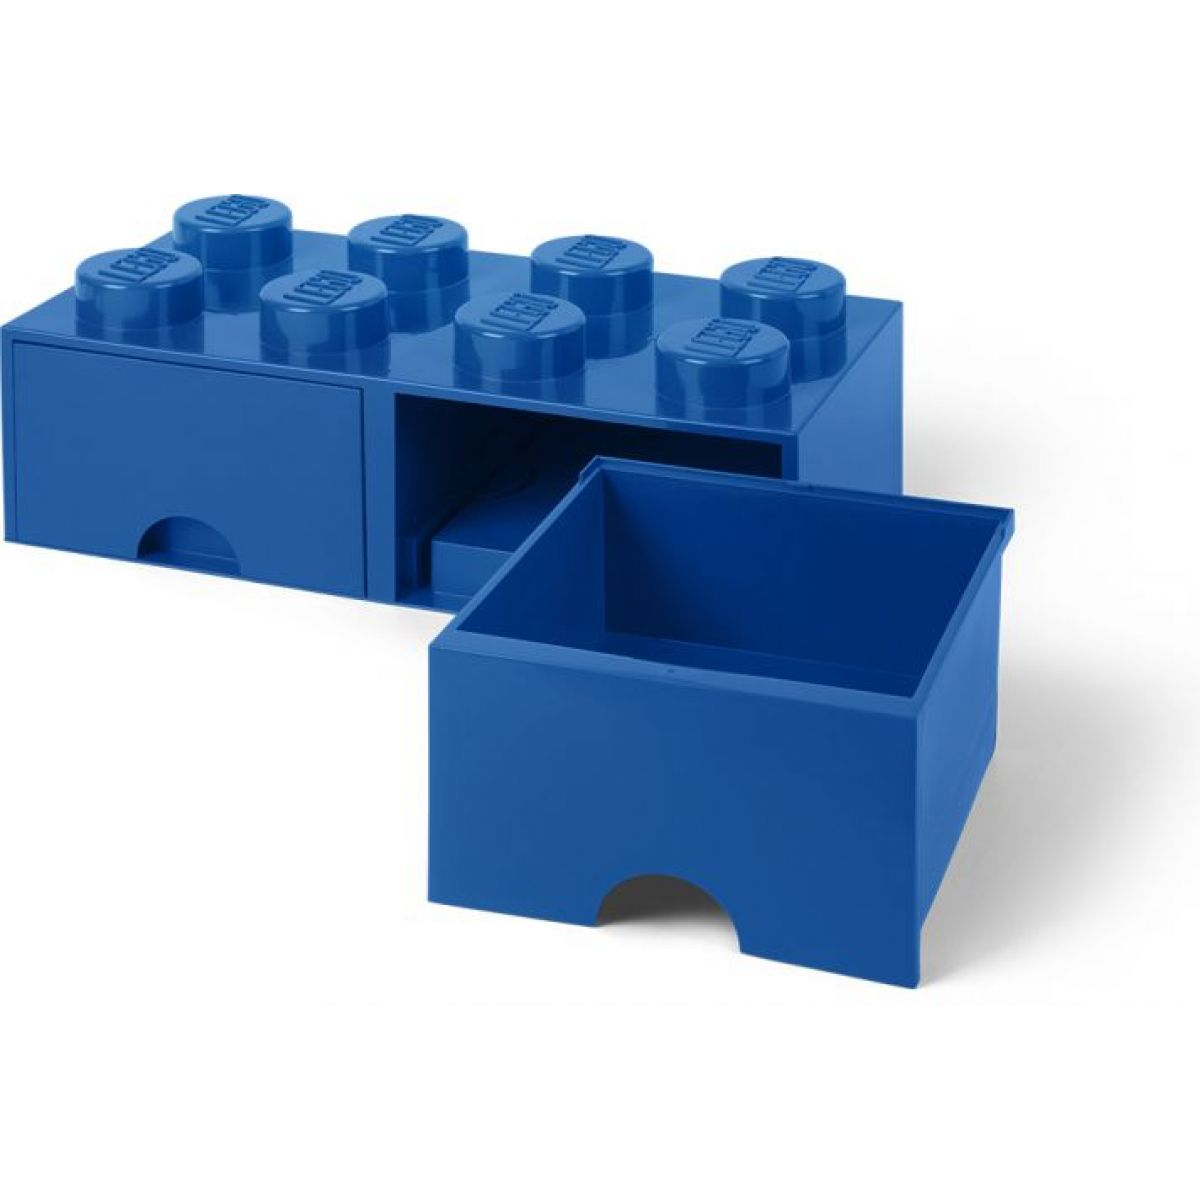 LEGO Úložný box 8 se šuplíky Modrá